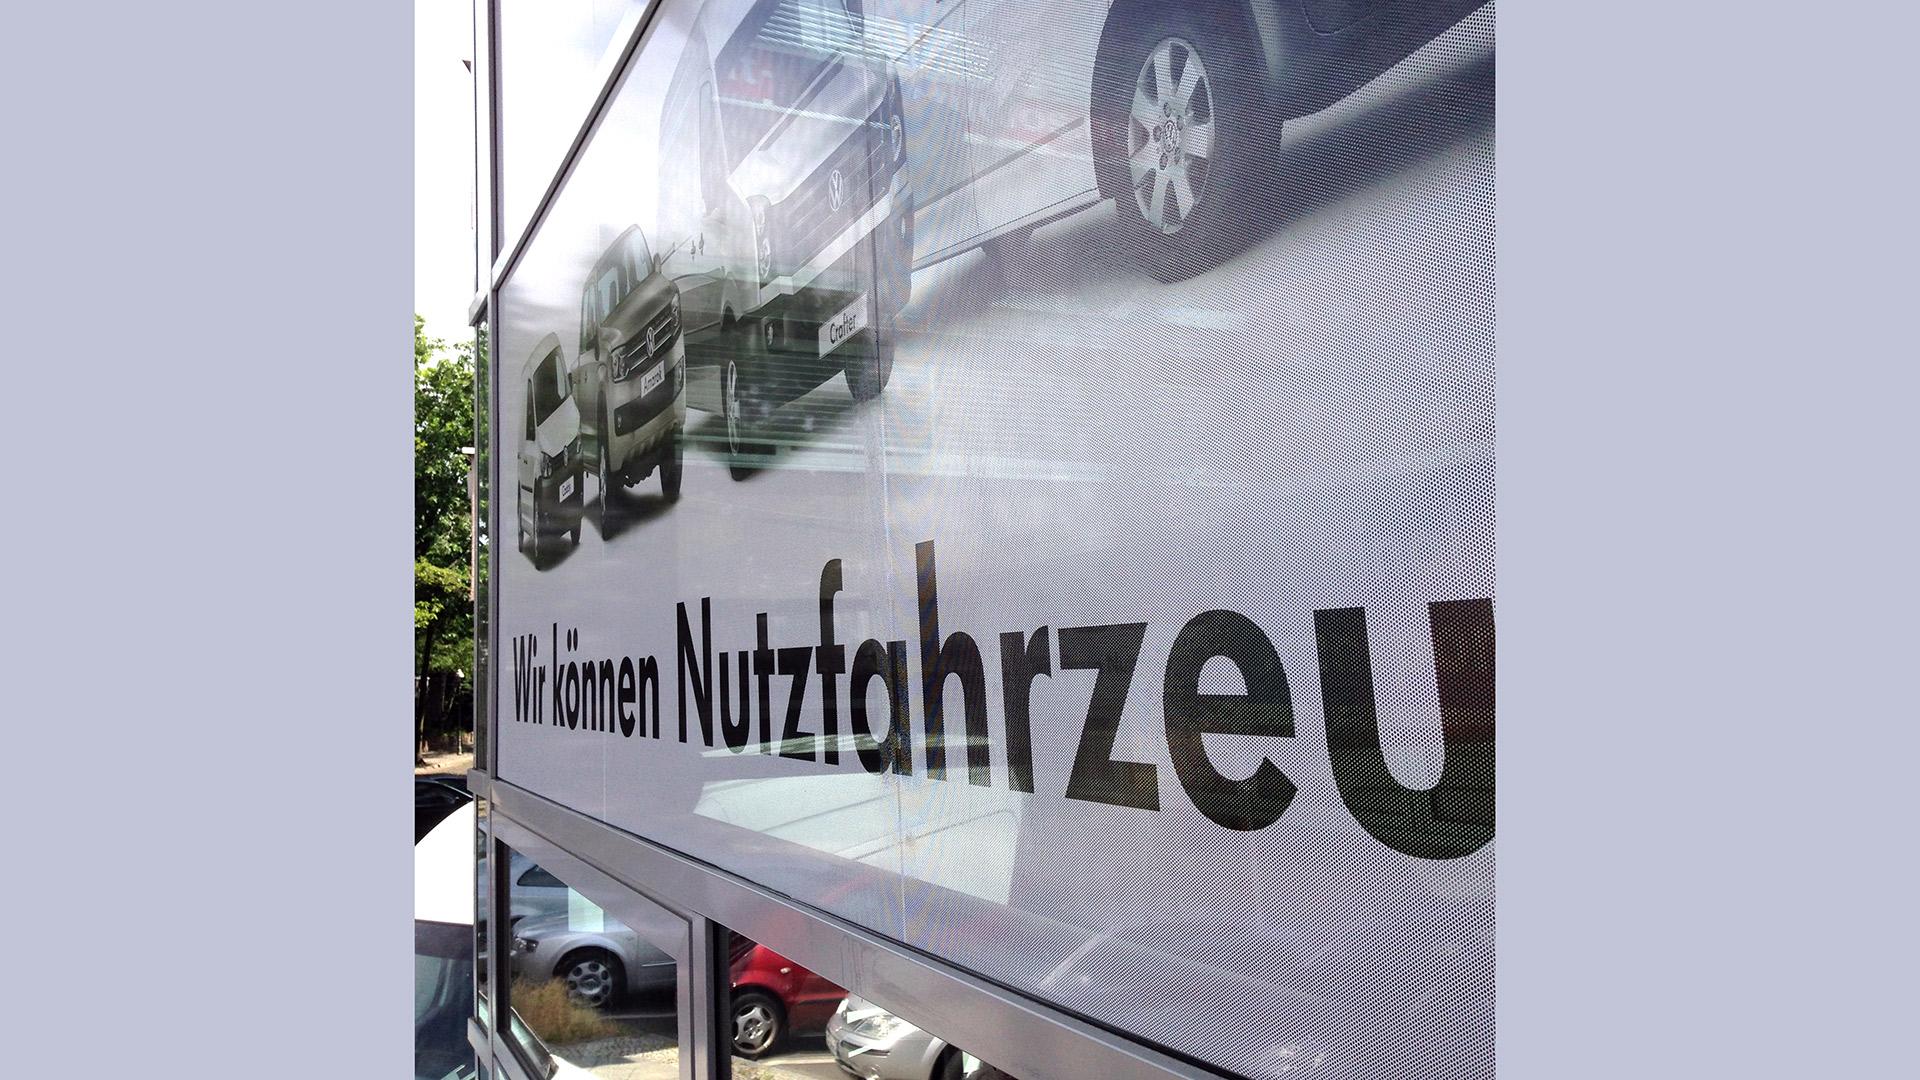 Auto-VWN-WindowGrafixx-Matti-Michalke-Berlin-Brandenburg-Aussenwerbung-Innenwerbung-Banner-Planen-Folien-Werbemittel-Druck-Print